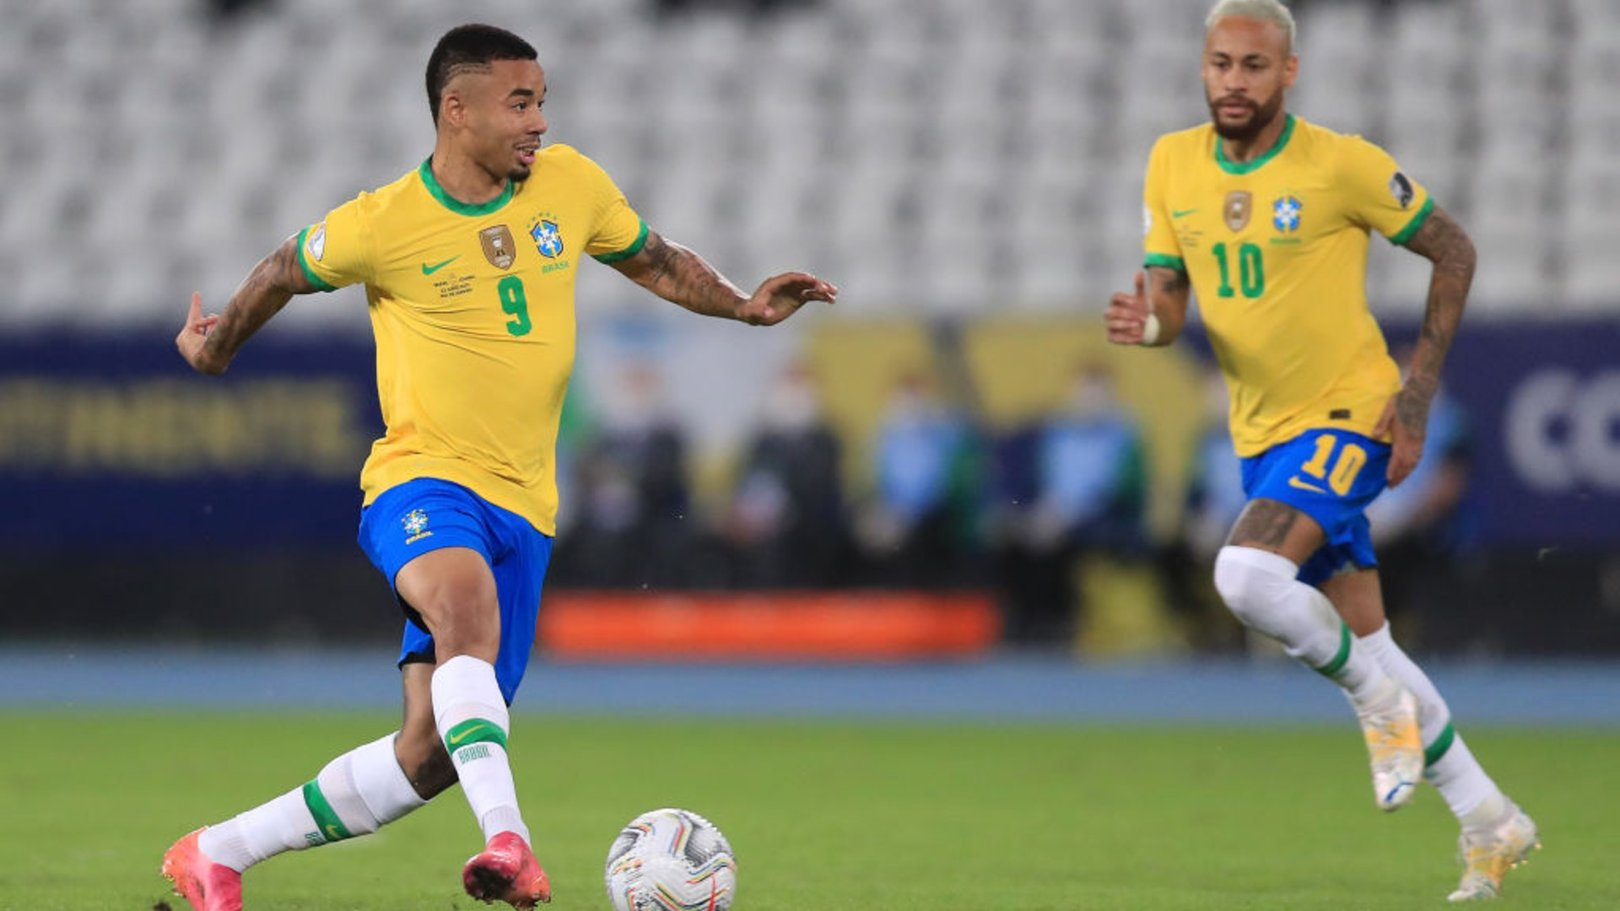 Jesus stars as Brazil earn late Copa America win